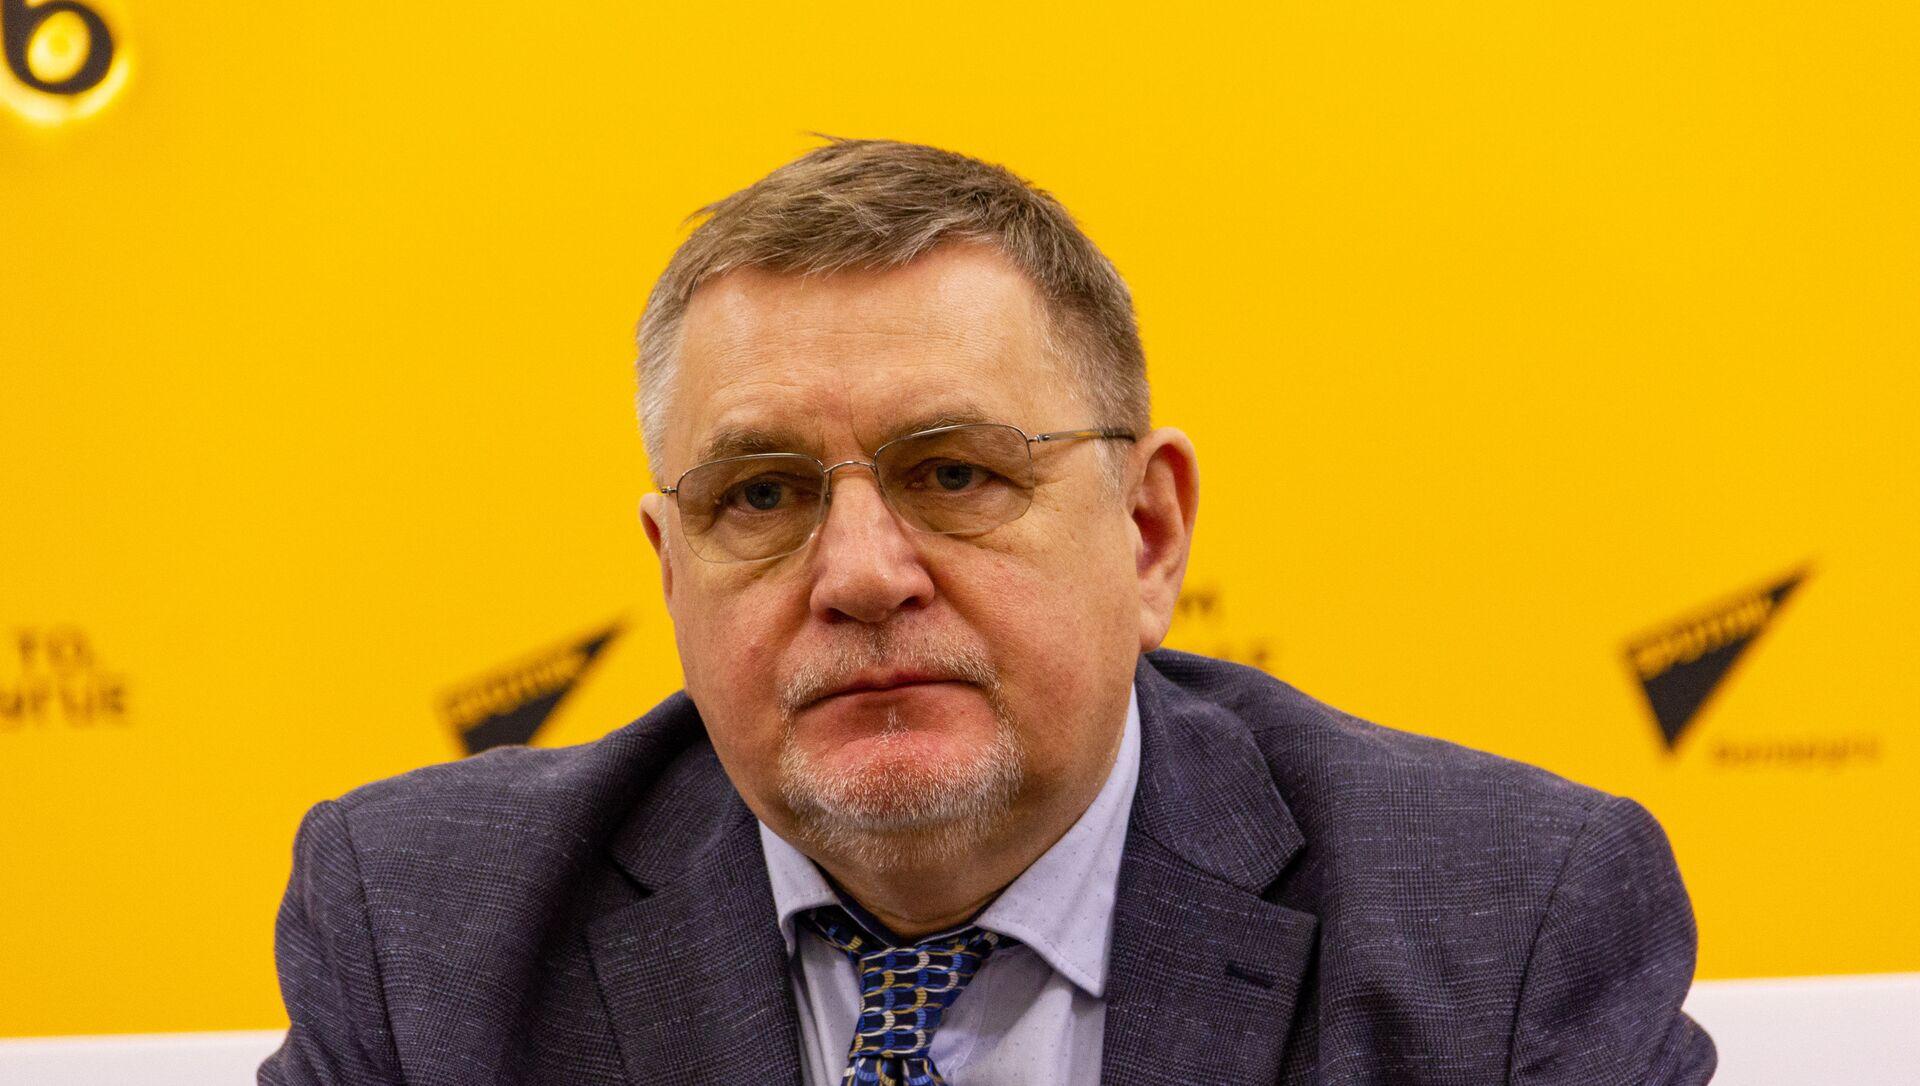 Геннадий Давыдько видит двойные стандарты в оценке белорусских выборов - Sputnik Беларусь, 1920, 18.03.2021